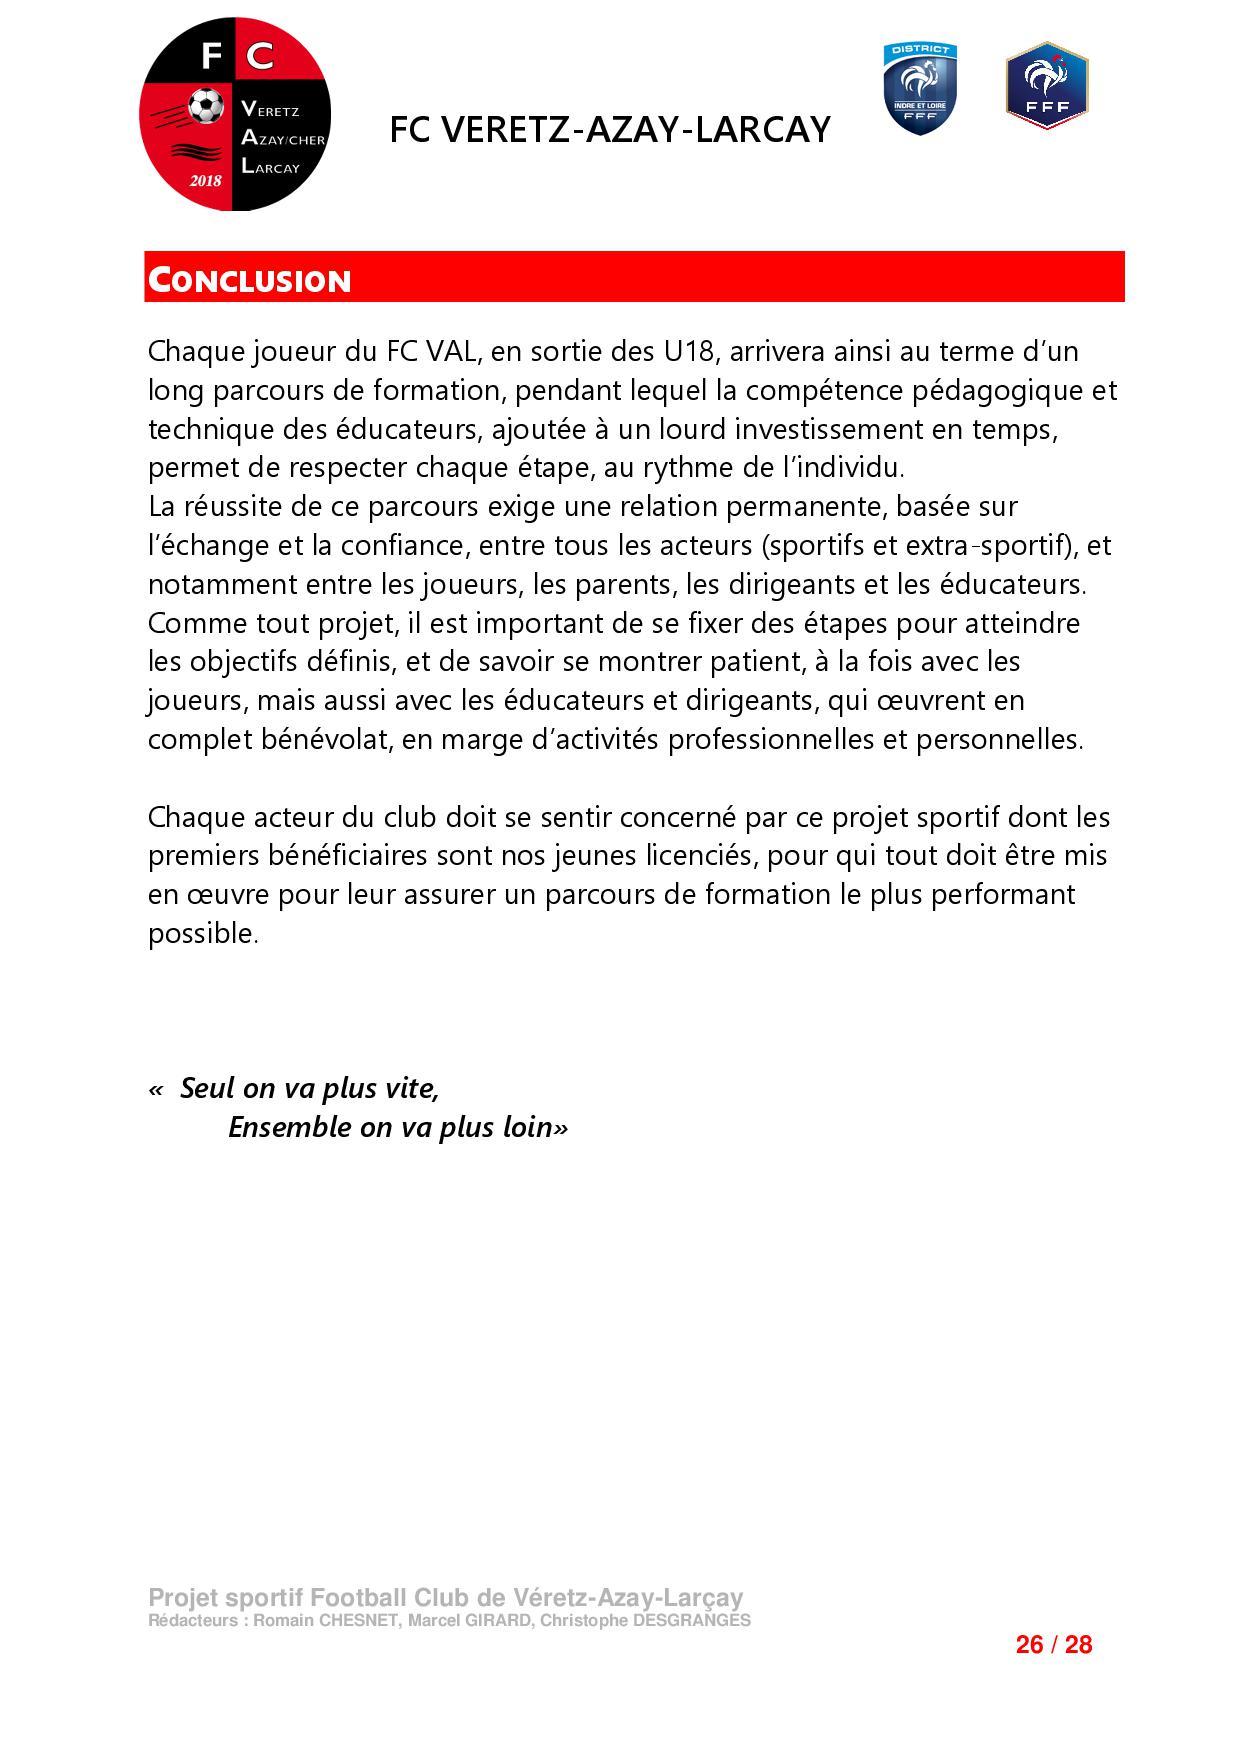 projet_sportif_2017-202026.jpg